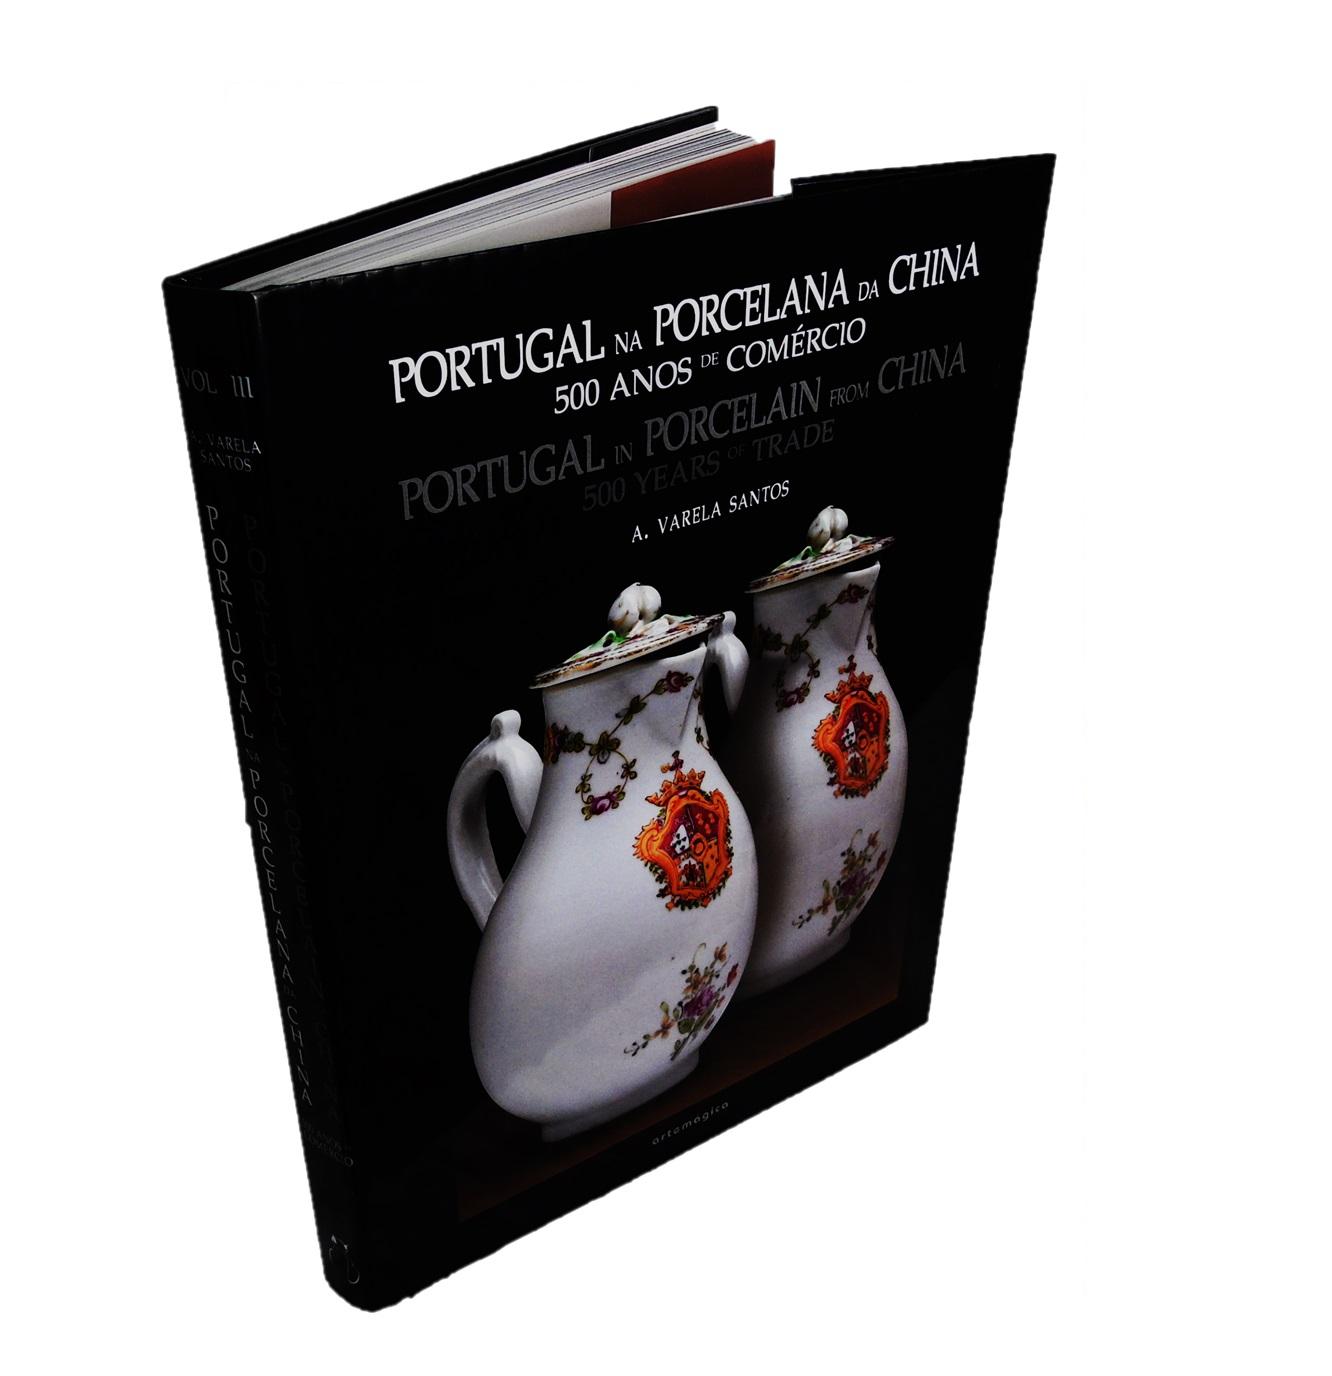 Portugal na Porcelana da China: final séc. XVIII até meados XIX - Encomendas aristocracia civil (Vol. III).